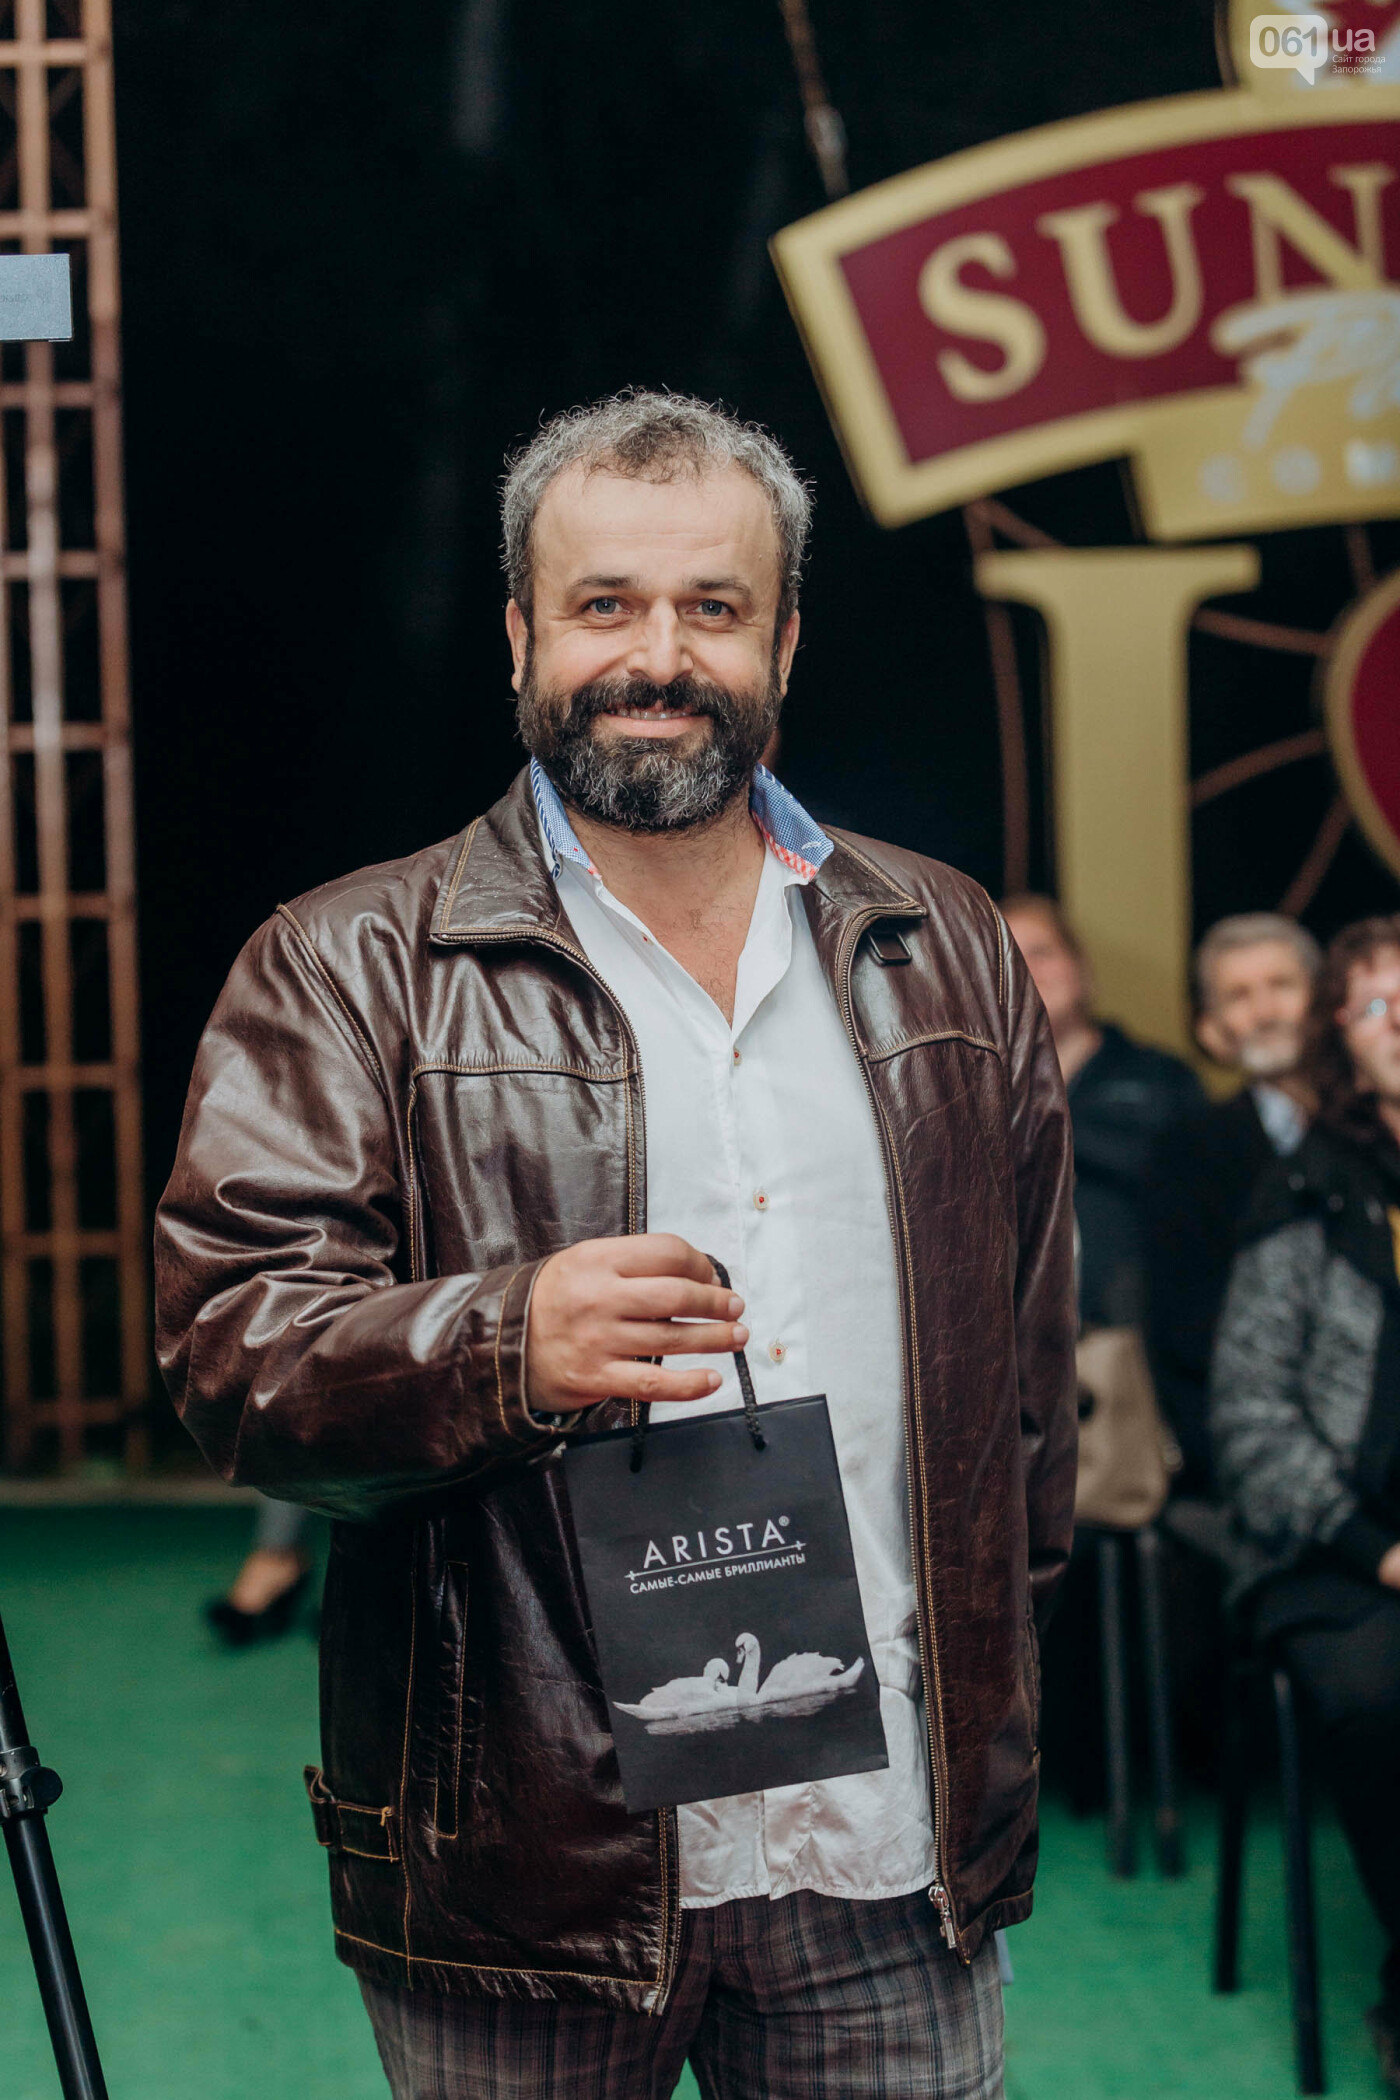 Как Буряк и Черняк в розыгрыше победили,  а также  другие подробности вечеринки VIP club, фото-28